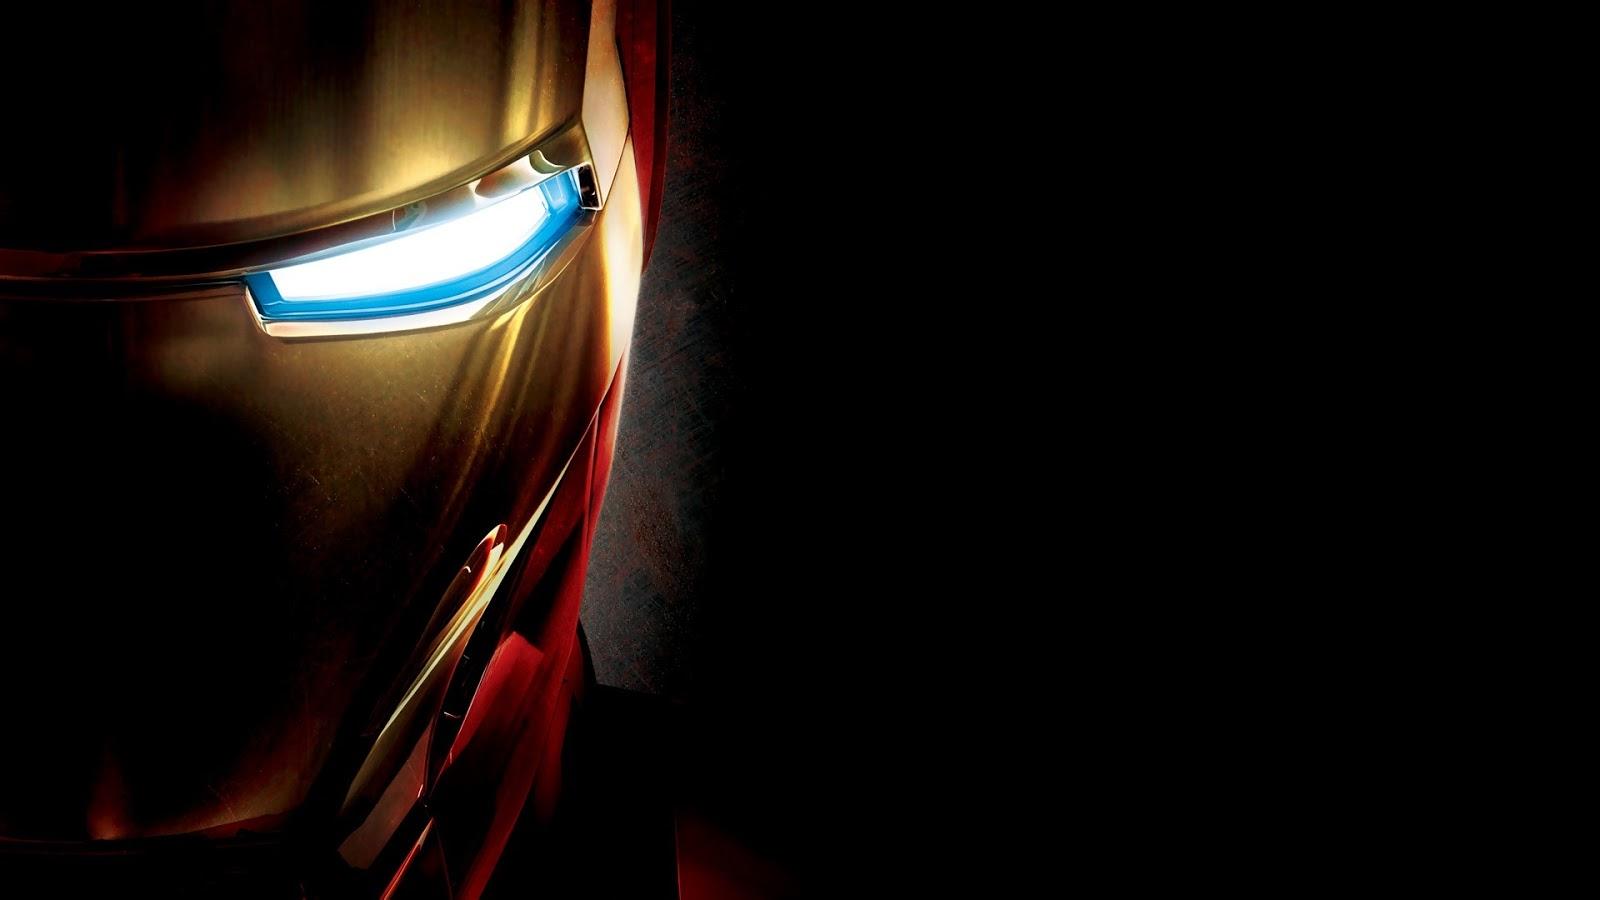 http://4.bp.blogspot.com/-m9SgTkqKvlE/UOr7-6way_I/AAAAAAAAF0o/hoDdYGhLJd4/s1600/Iron+man+3+(13).jpg